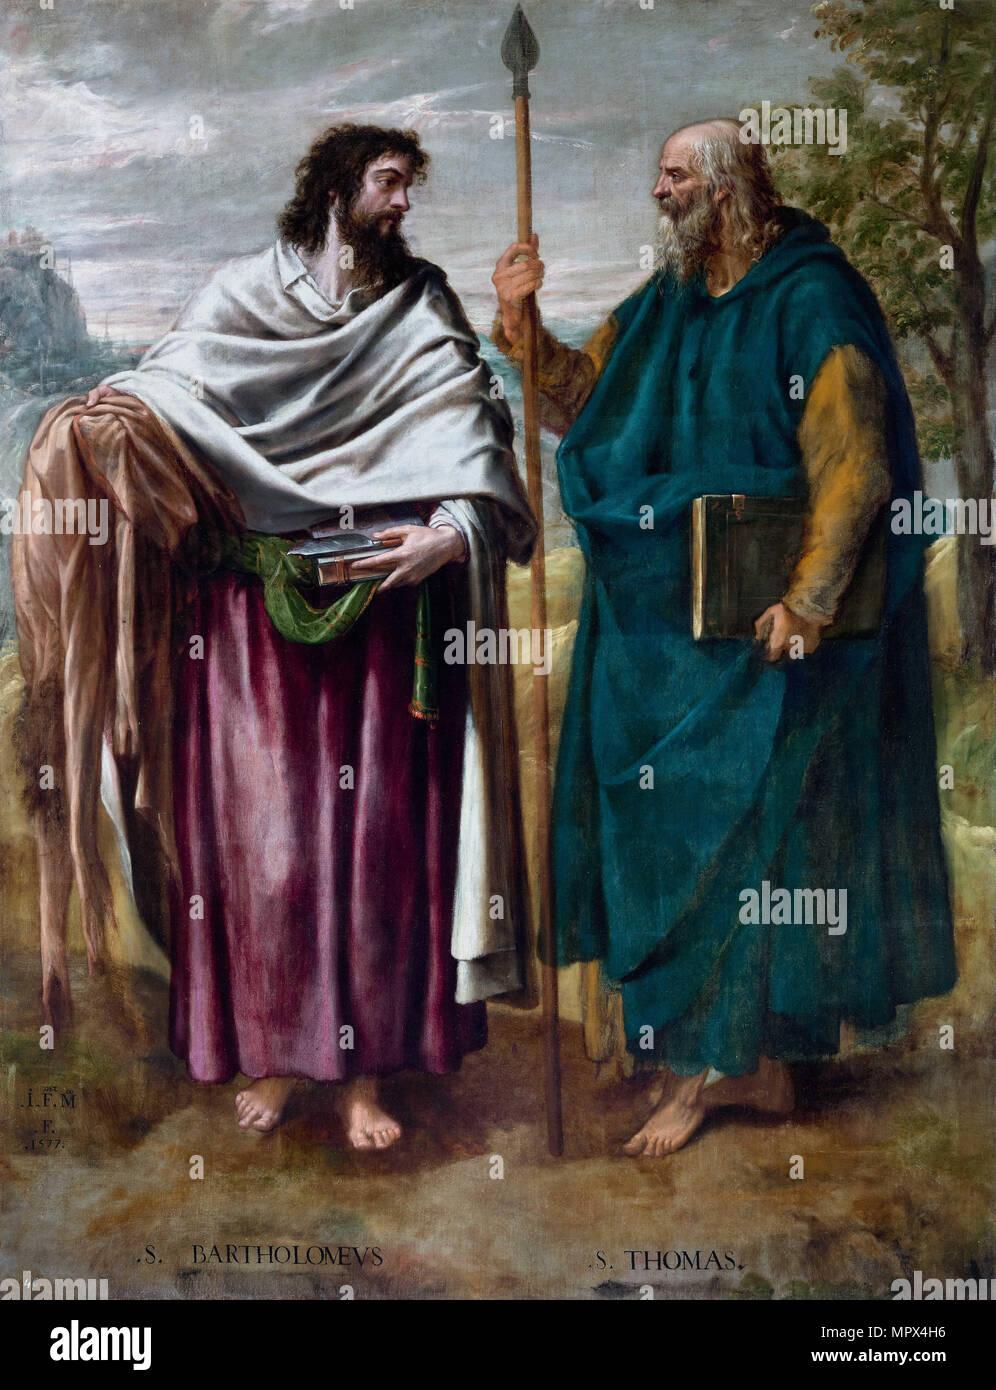 Saint Bartholomew and Saint Thomas, 1577. - Stock Image